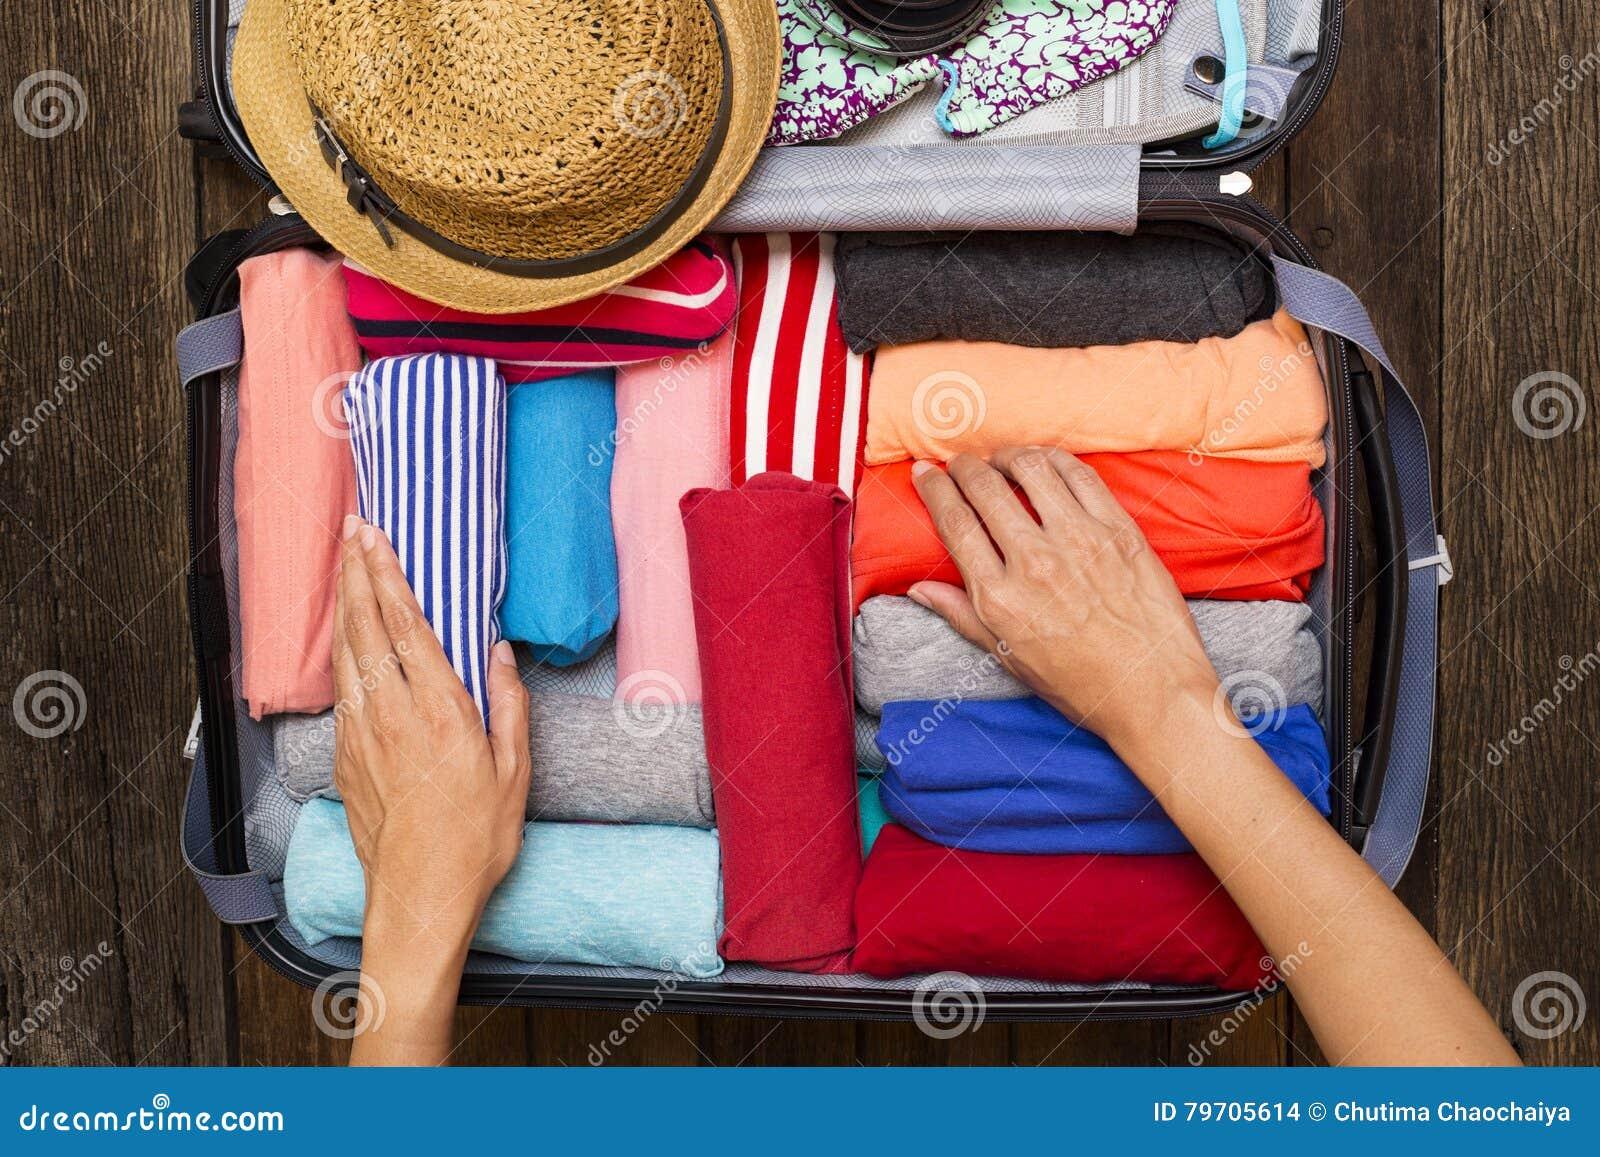 包装一次新的旅途的妇女一件行李